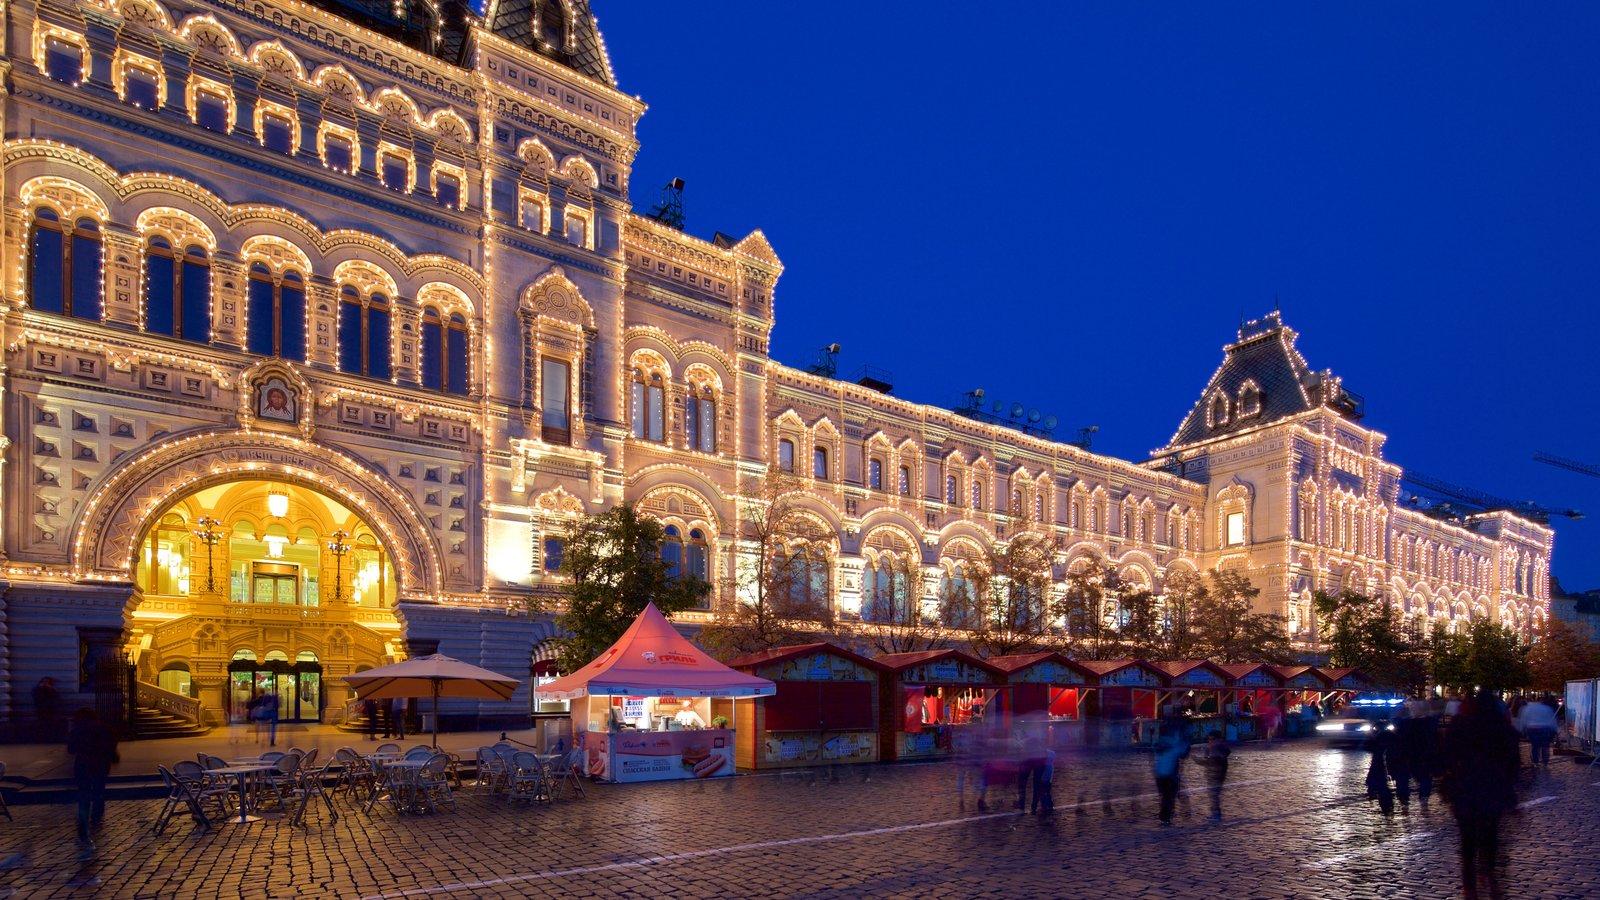 Kremlin caracterizando arquitetura de patrimônio, cenas noturnas e um edifício administrativo